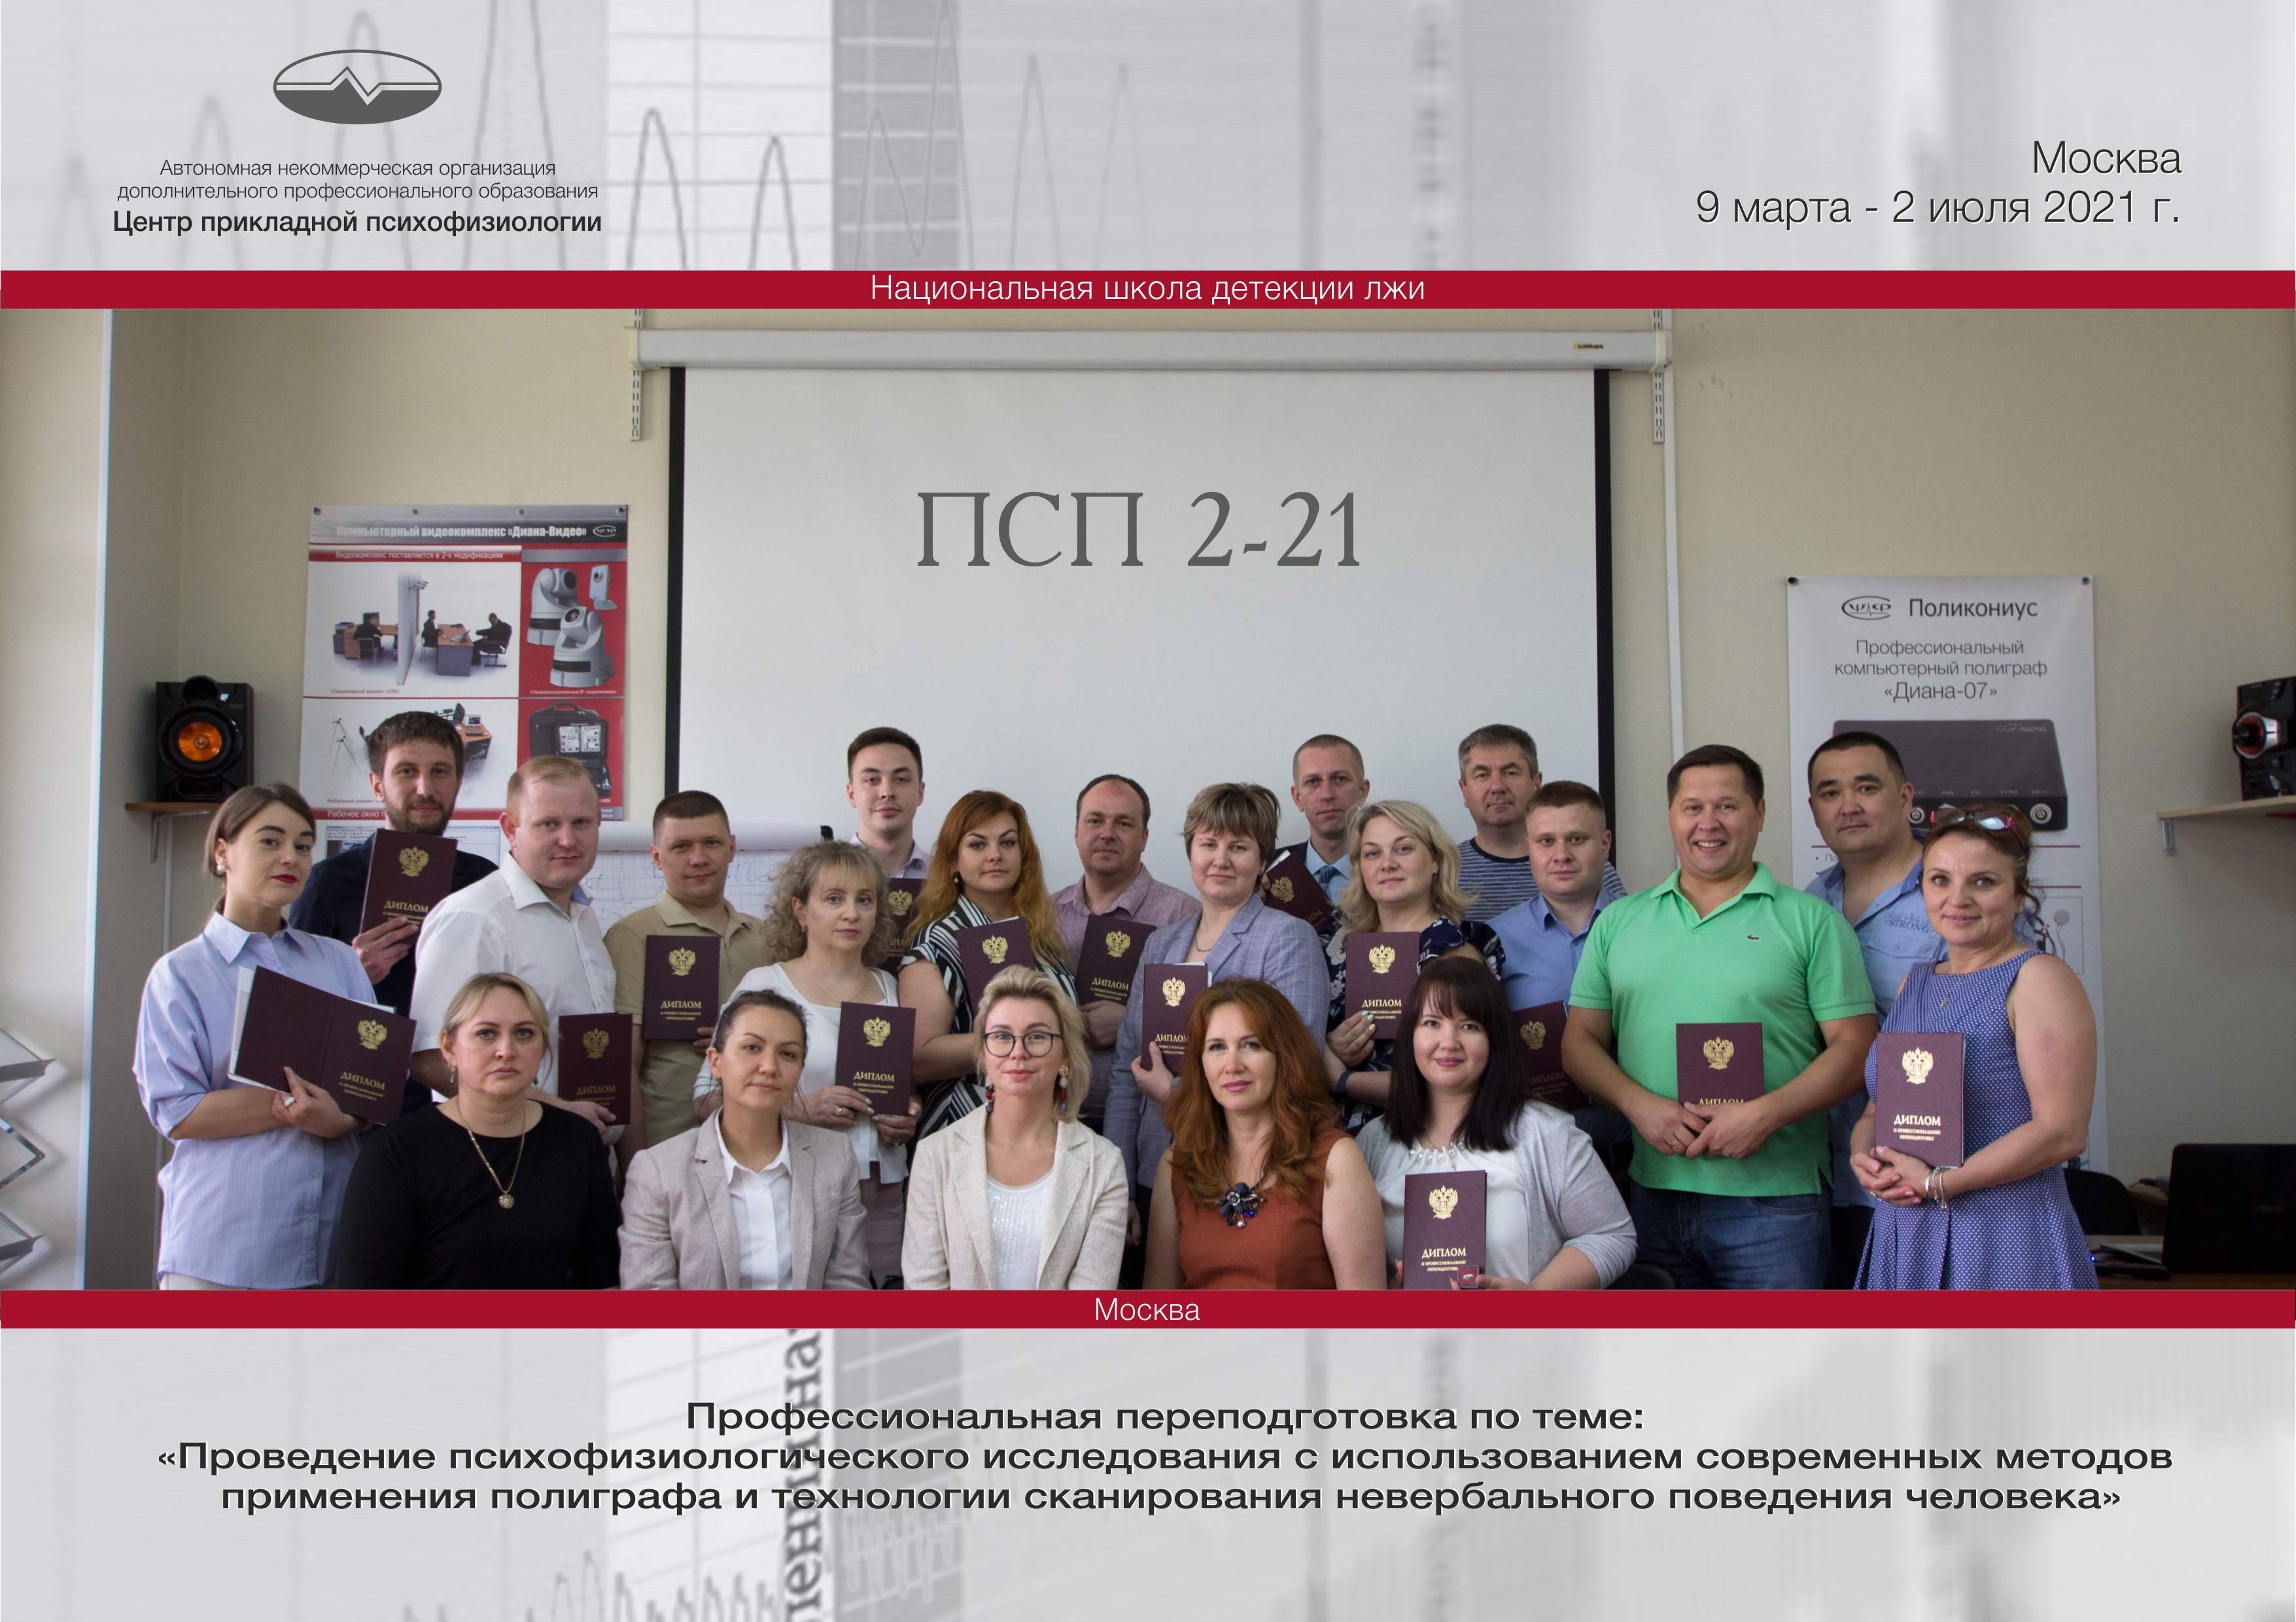 Выпускники группы ПСП 1-21 получают дипломы НШДЛ